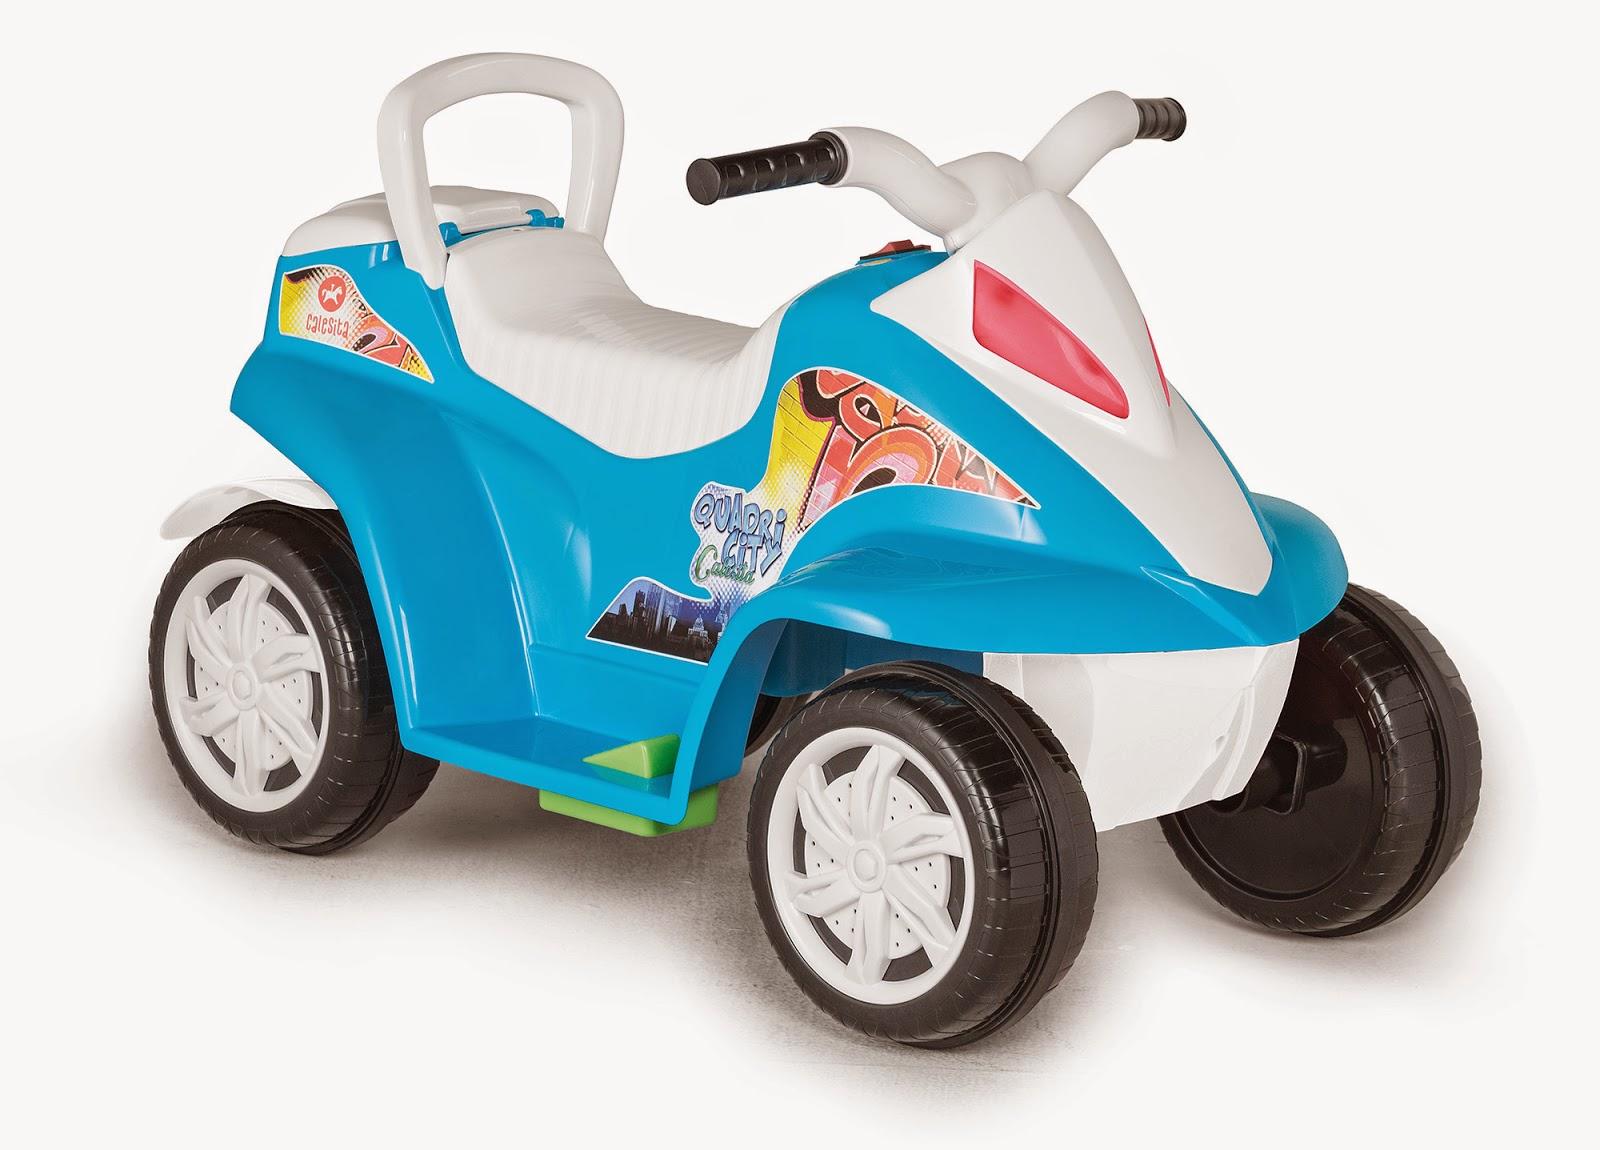 Quadriciclo Quadricity